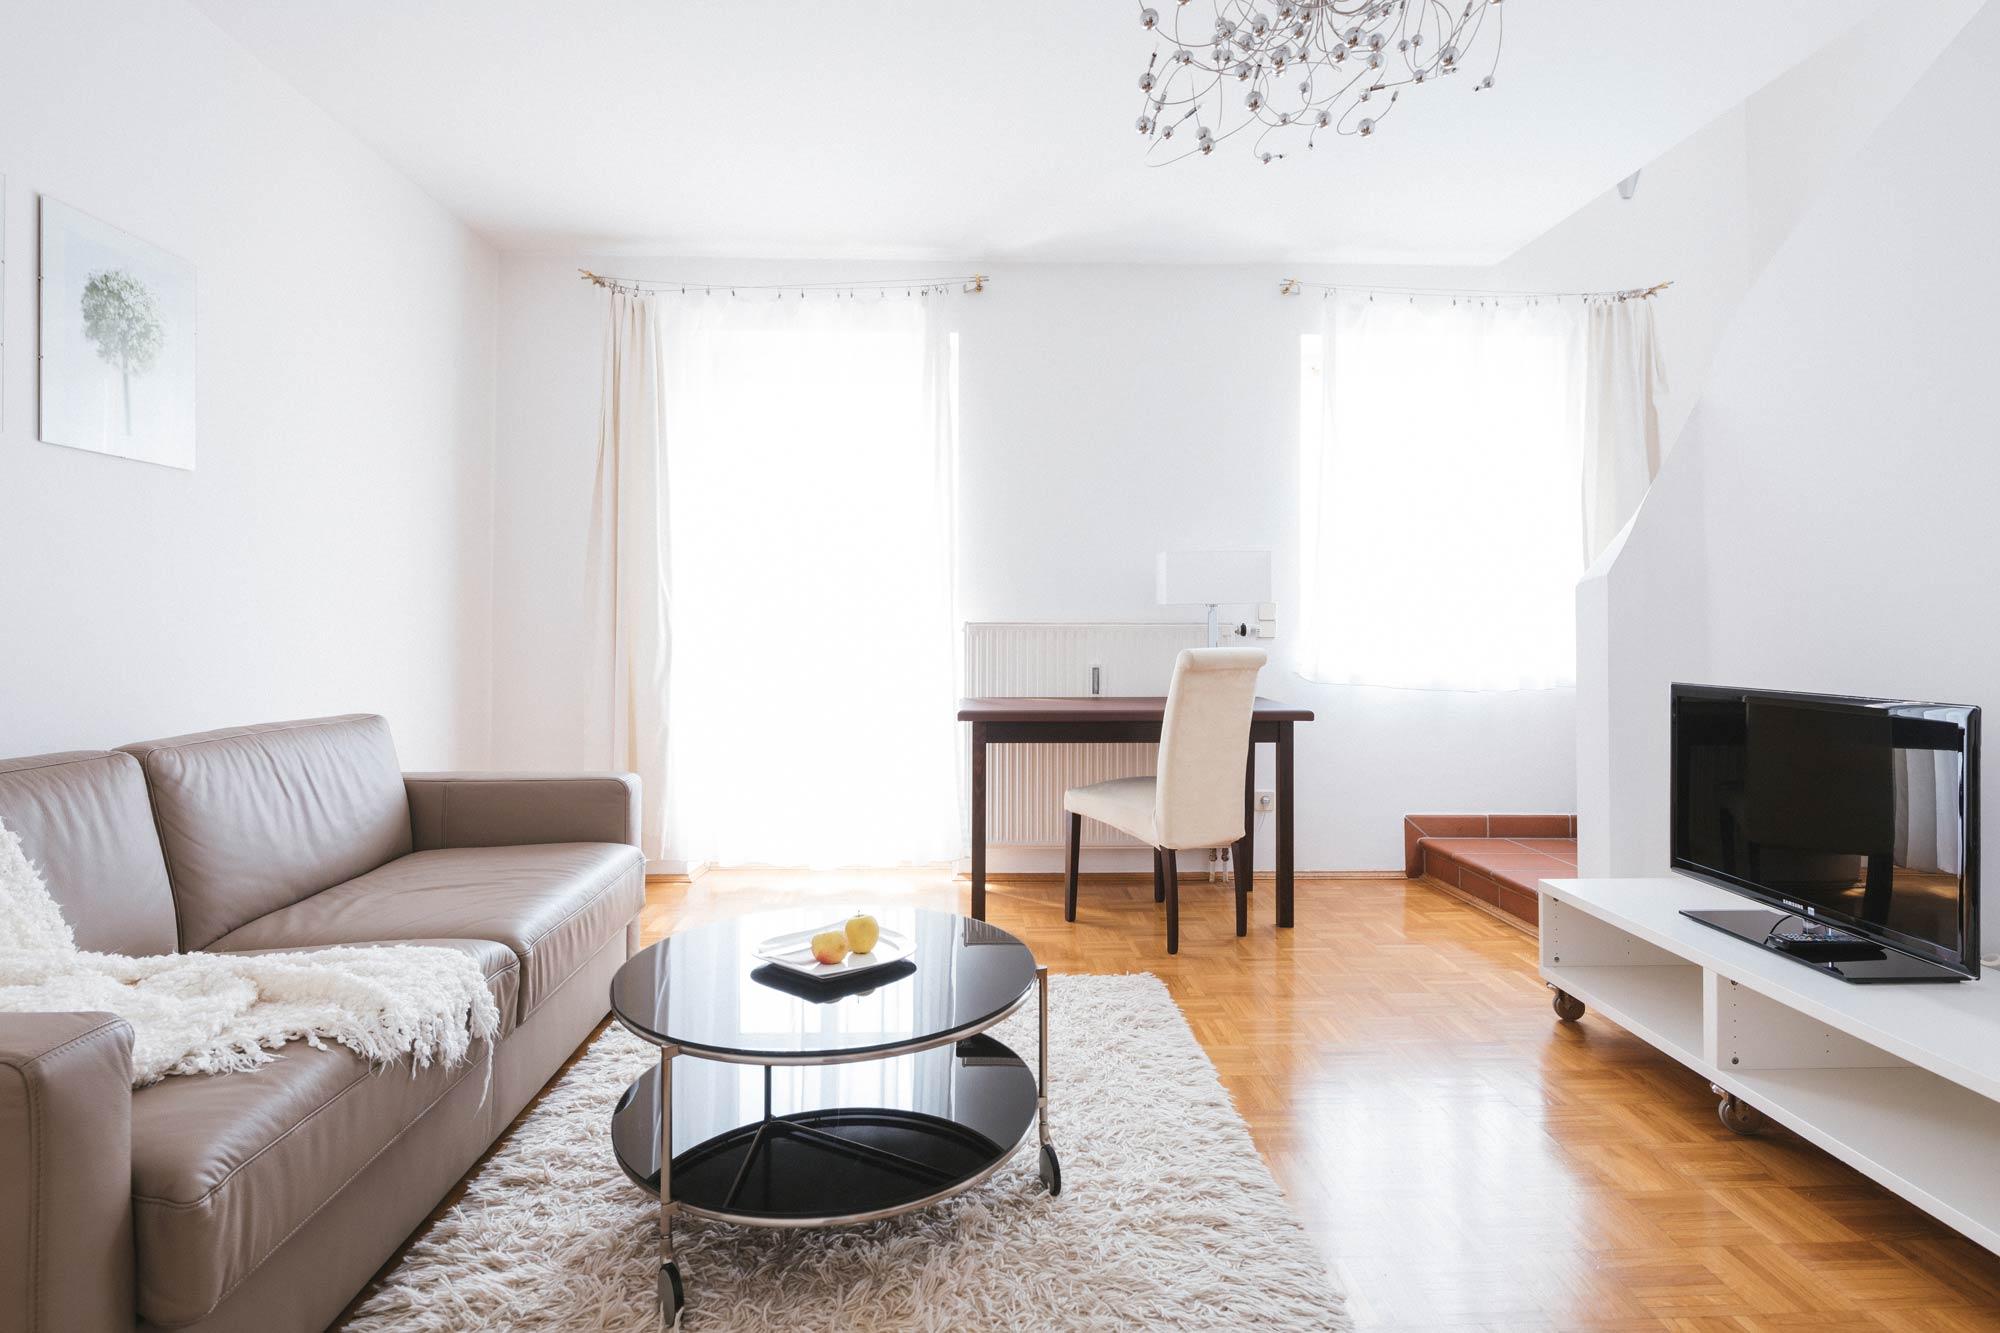 Apartement-2-Wohnbereich